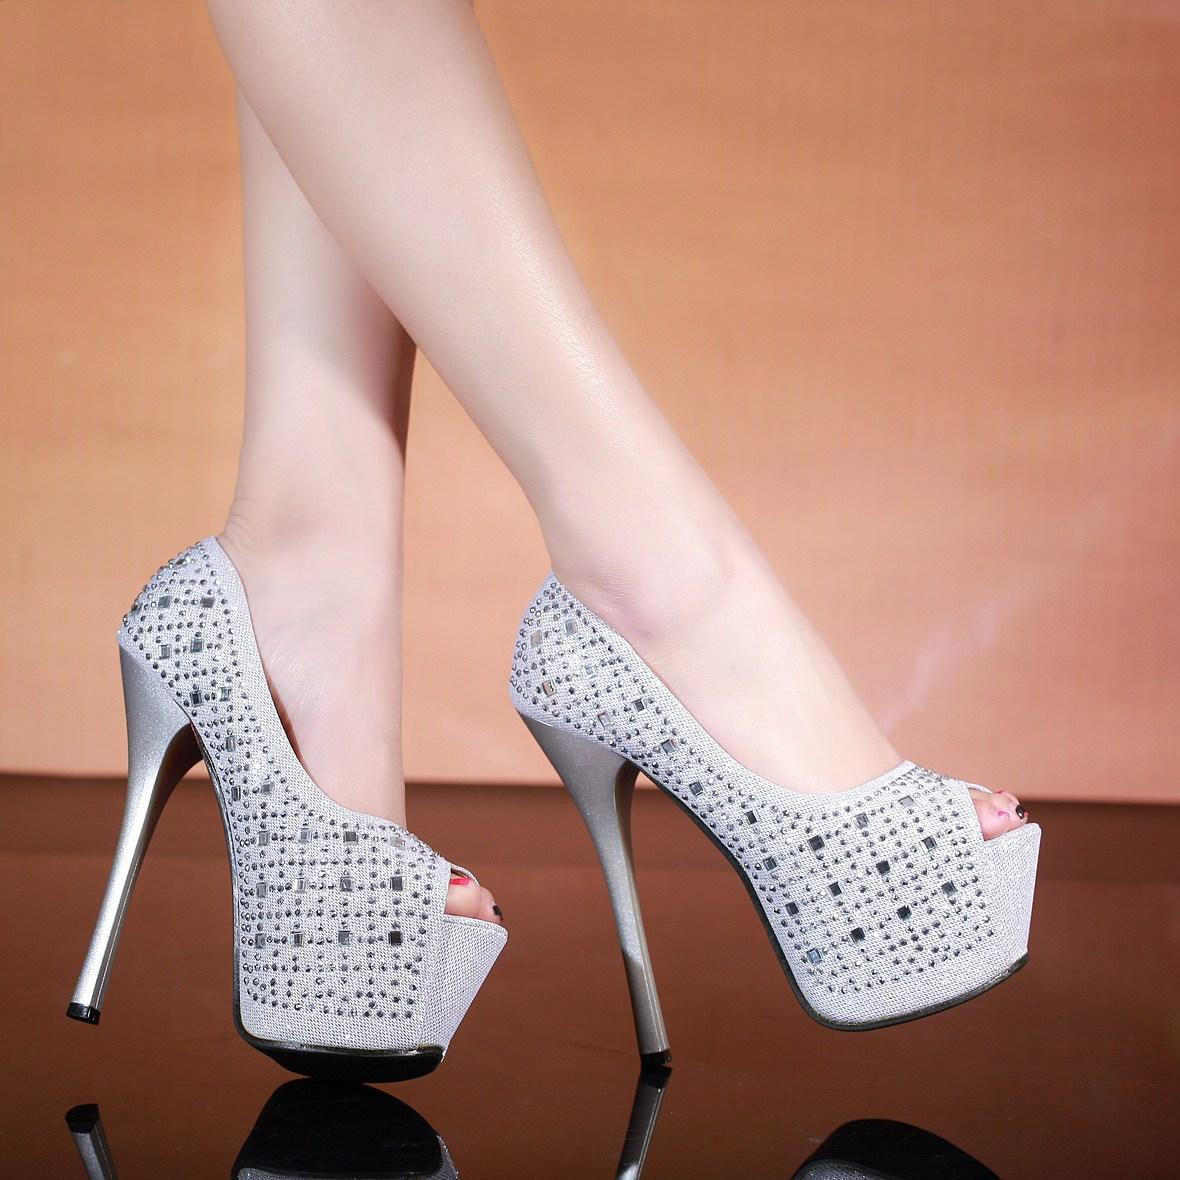 Sky High Footwear Open Toe Summer Shoes Women S Pumps y High